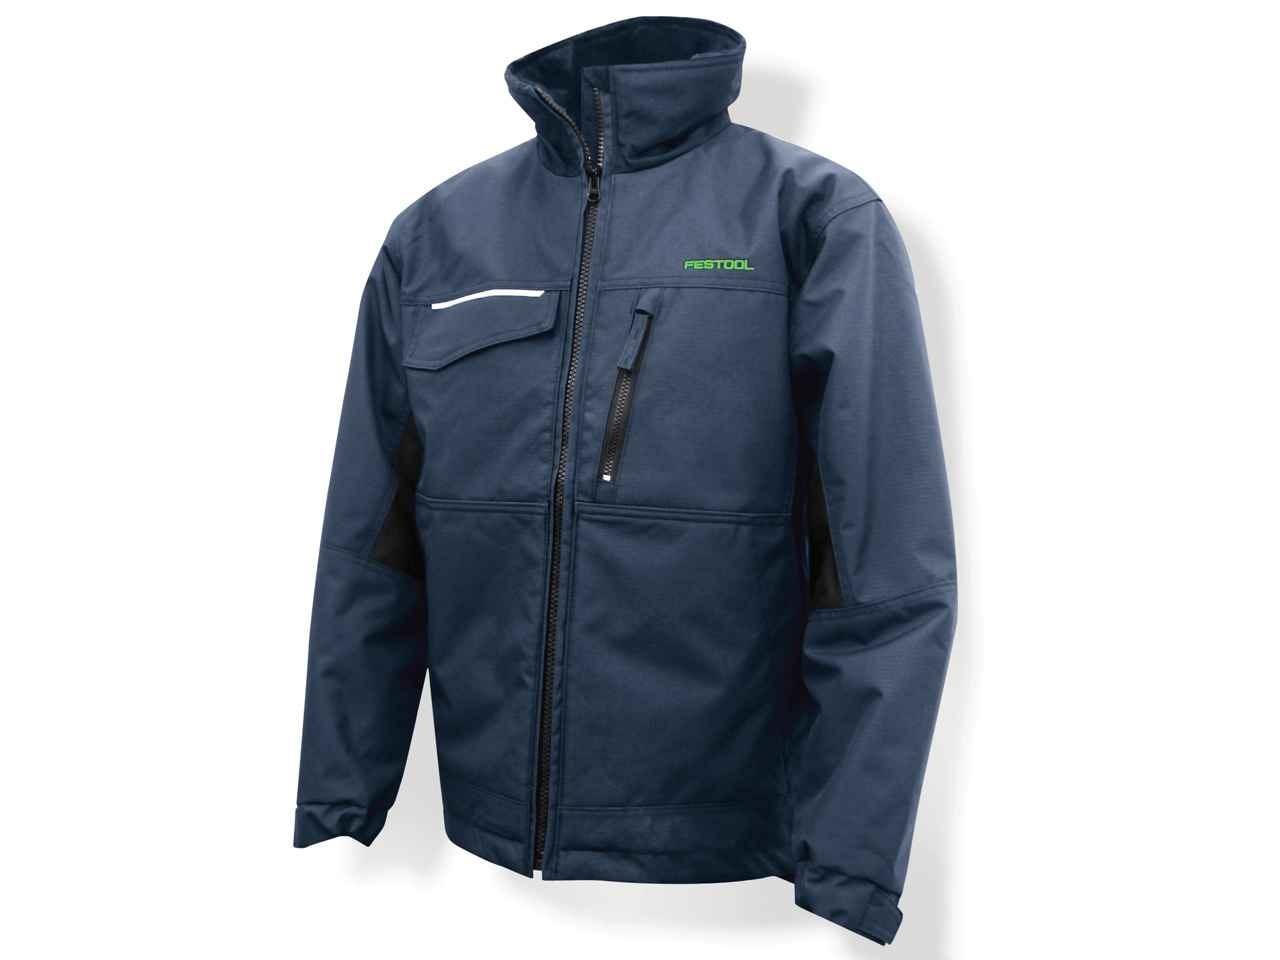 Festool 497902 Snickers Winter Jacket Men Dark Blue Small